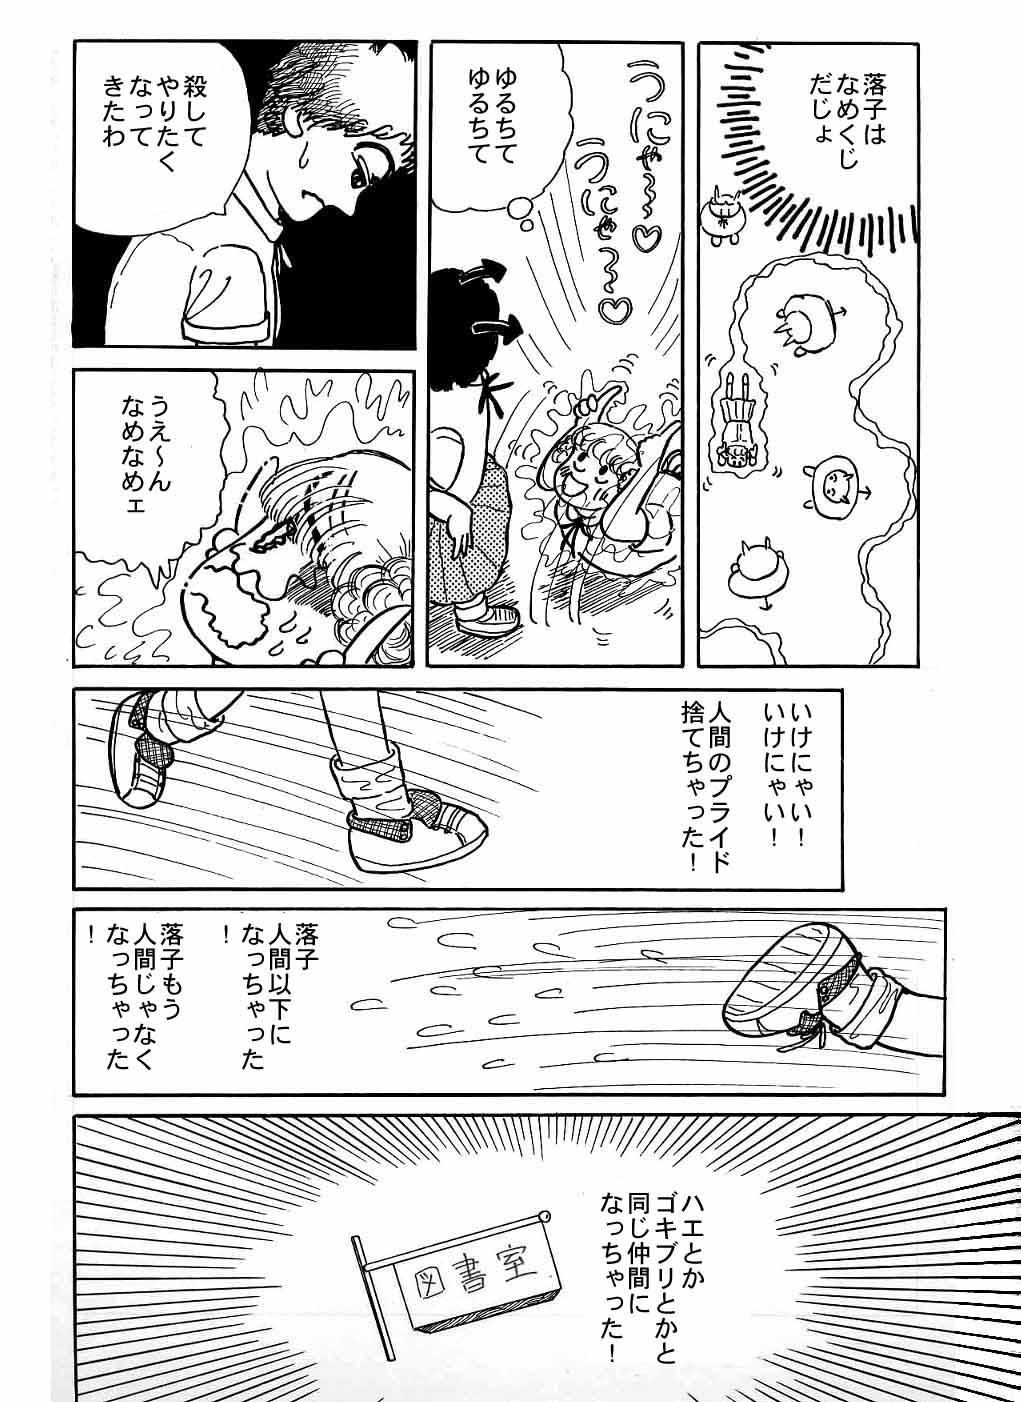 ホラー漫画画像10_20110122035414.jpg